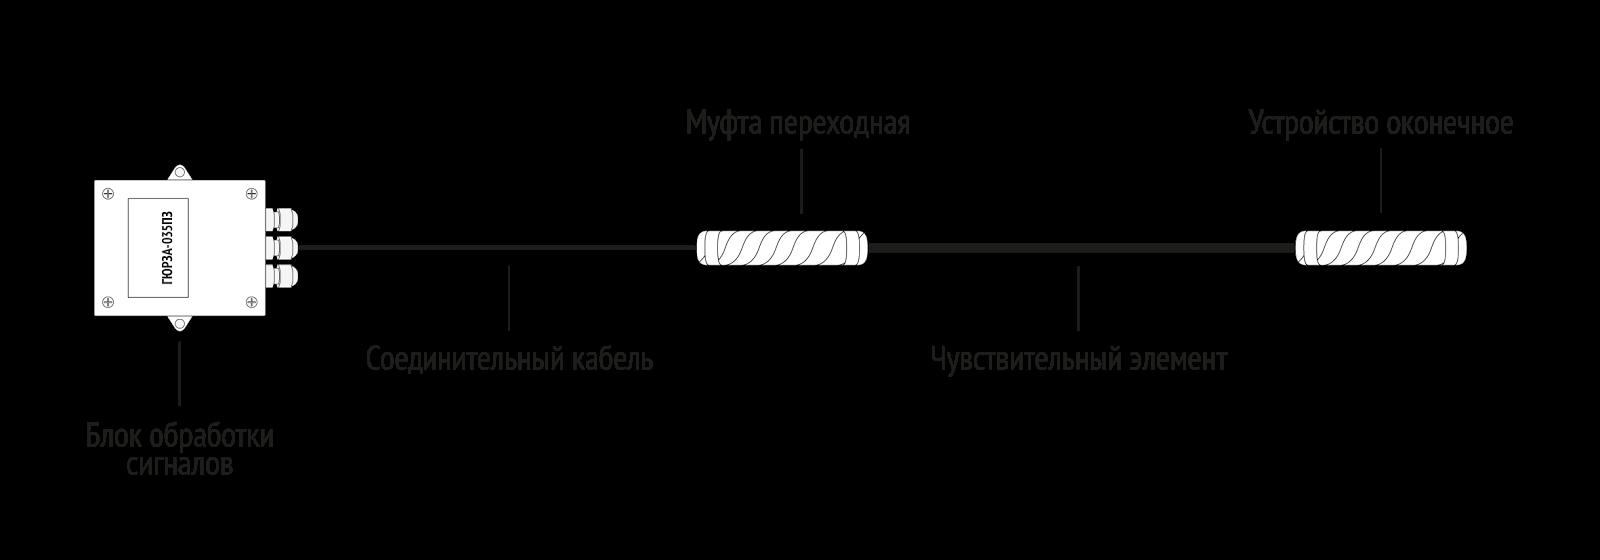 Охрана периметра: Скизел vs. Скайнет - 2